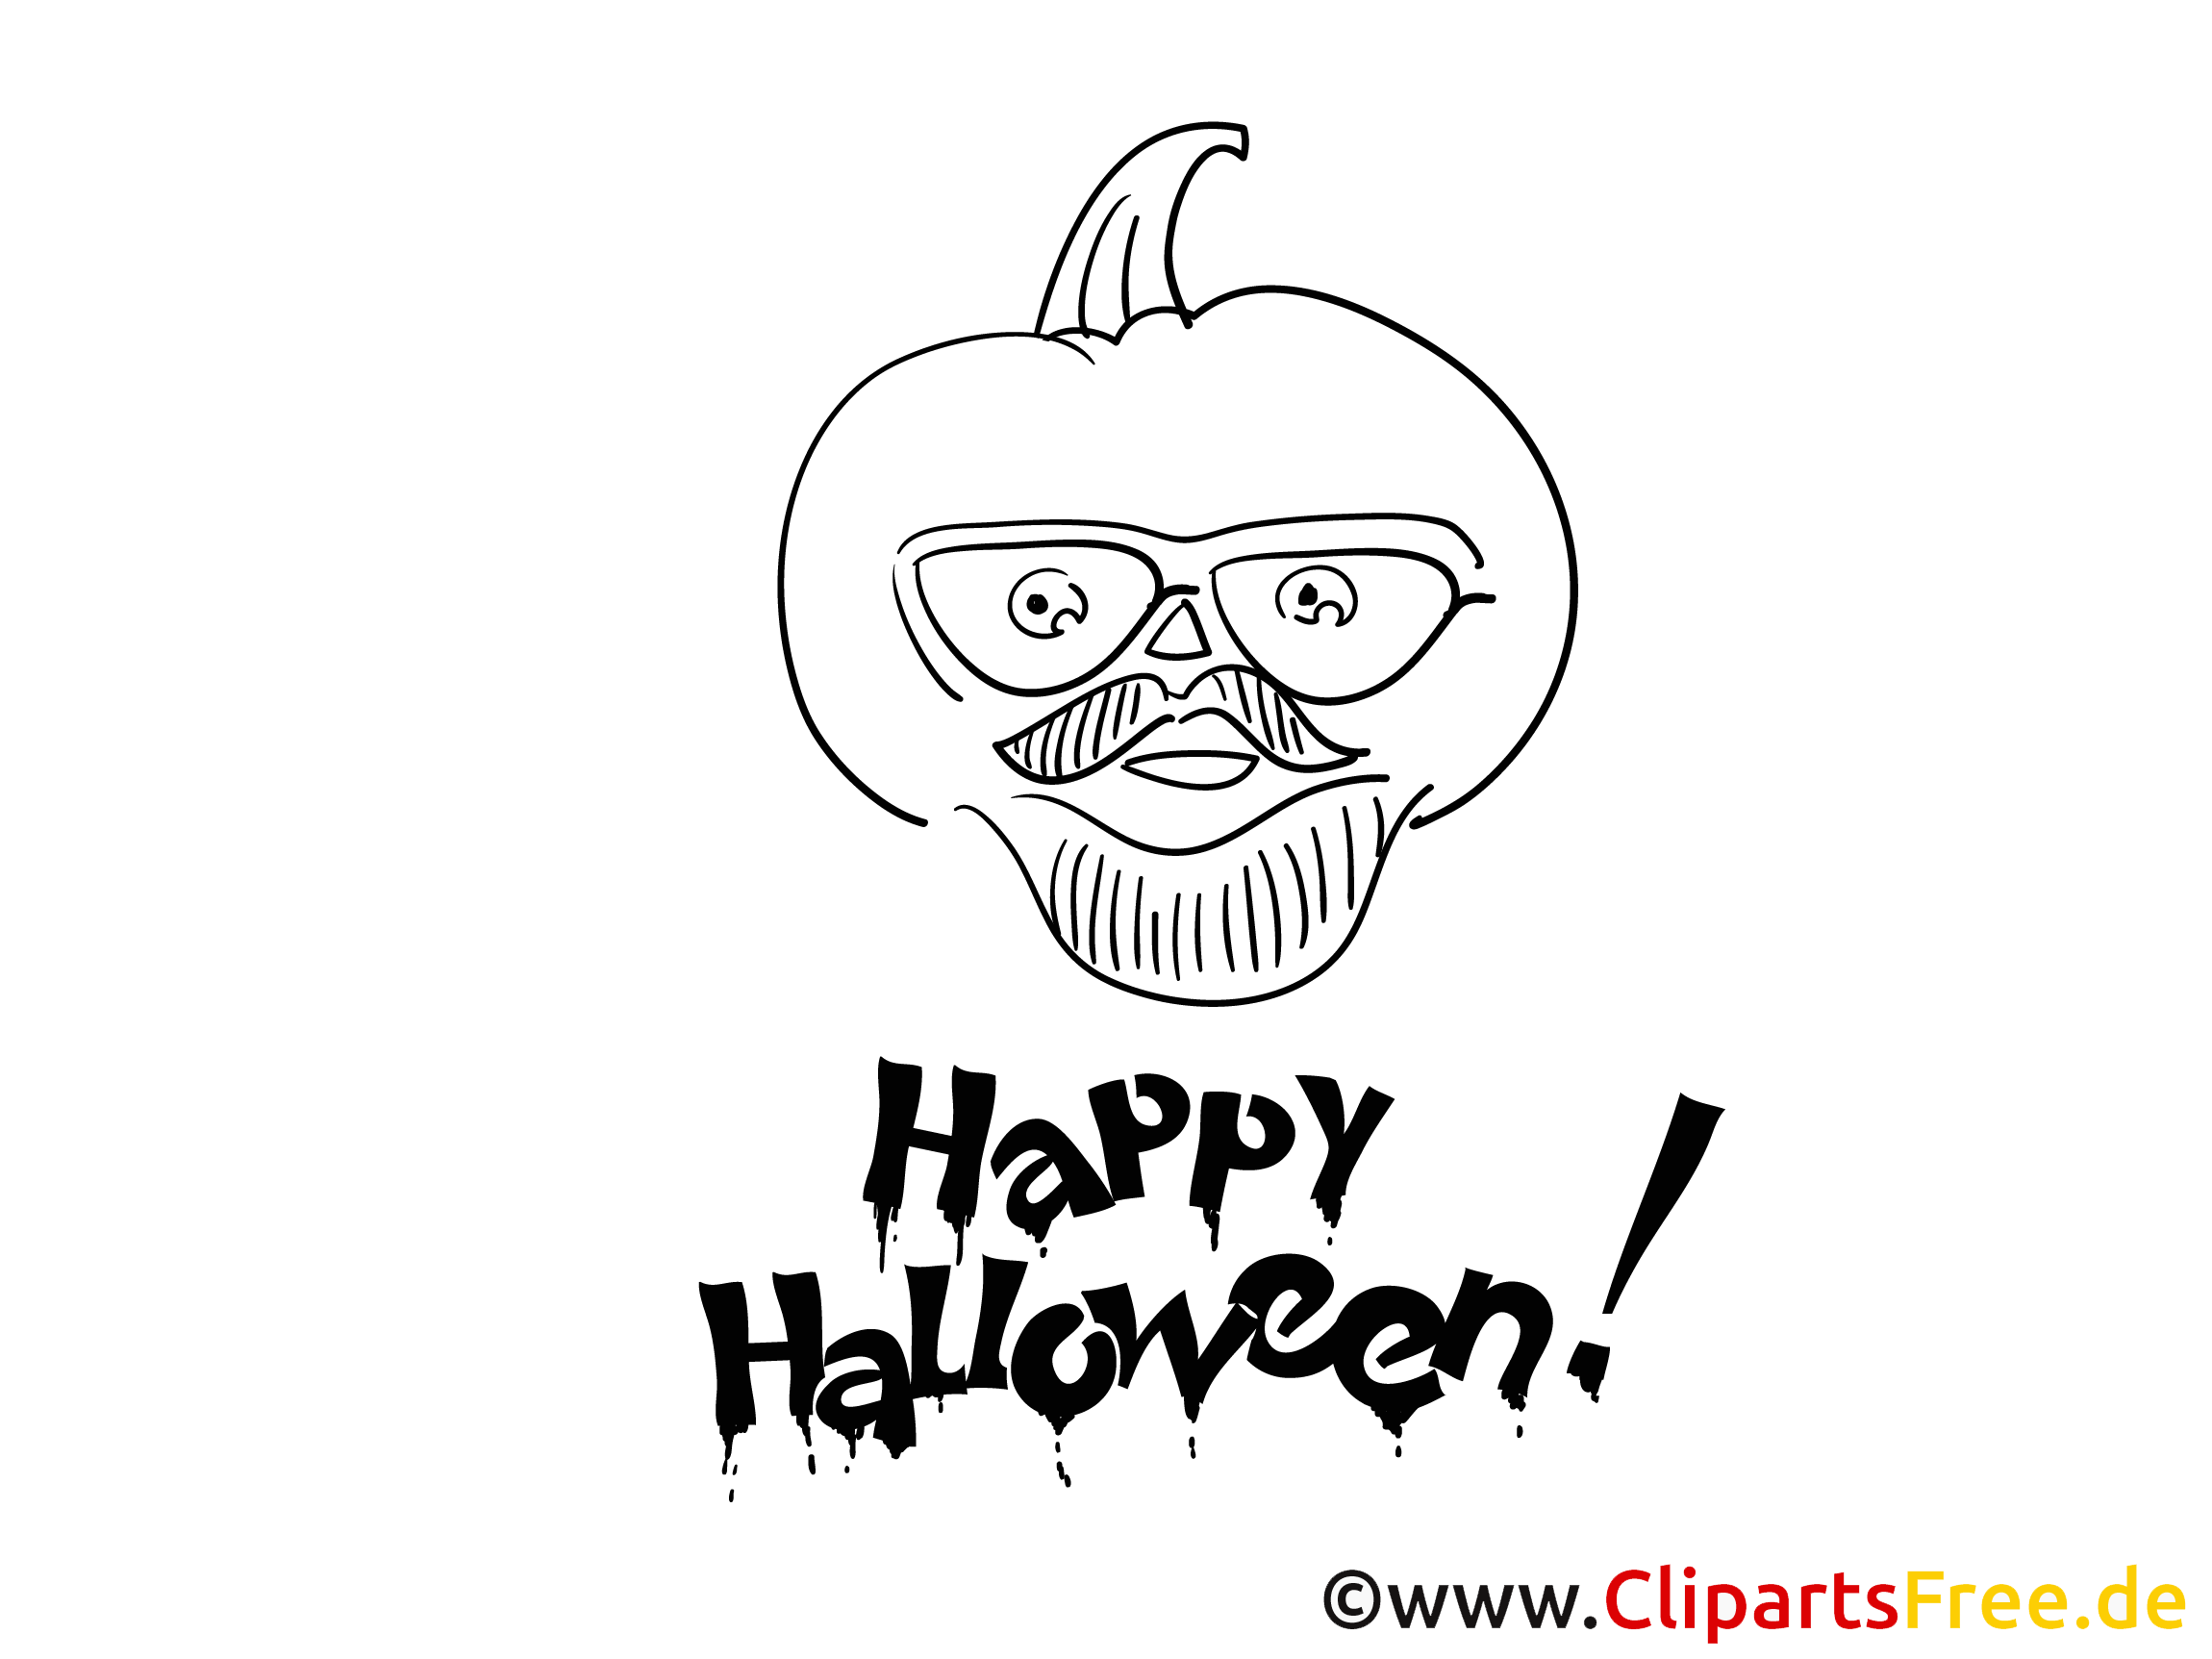 Malvorlage für Erwachsene zu Halloween